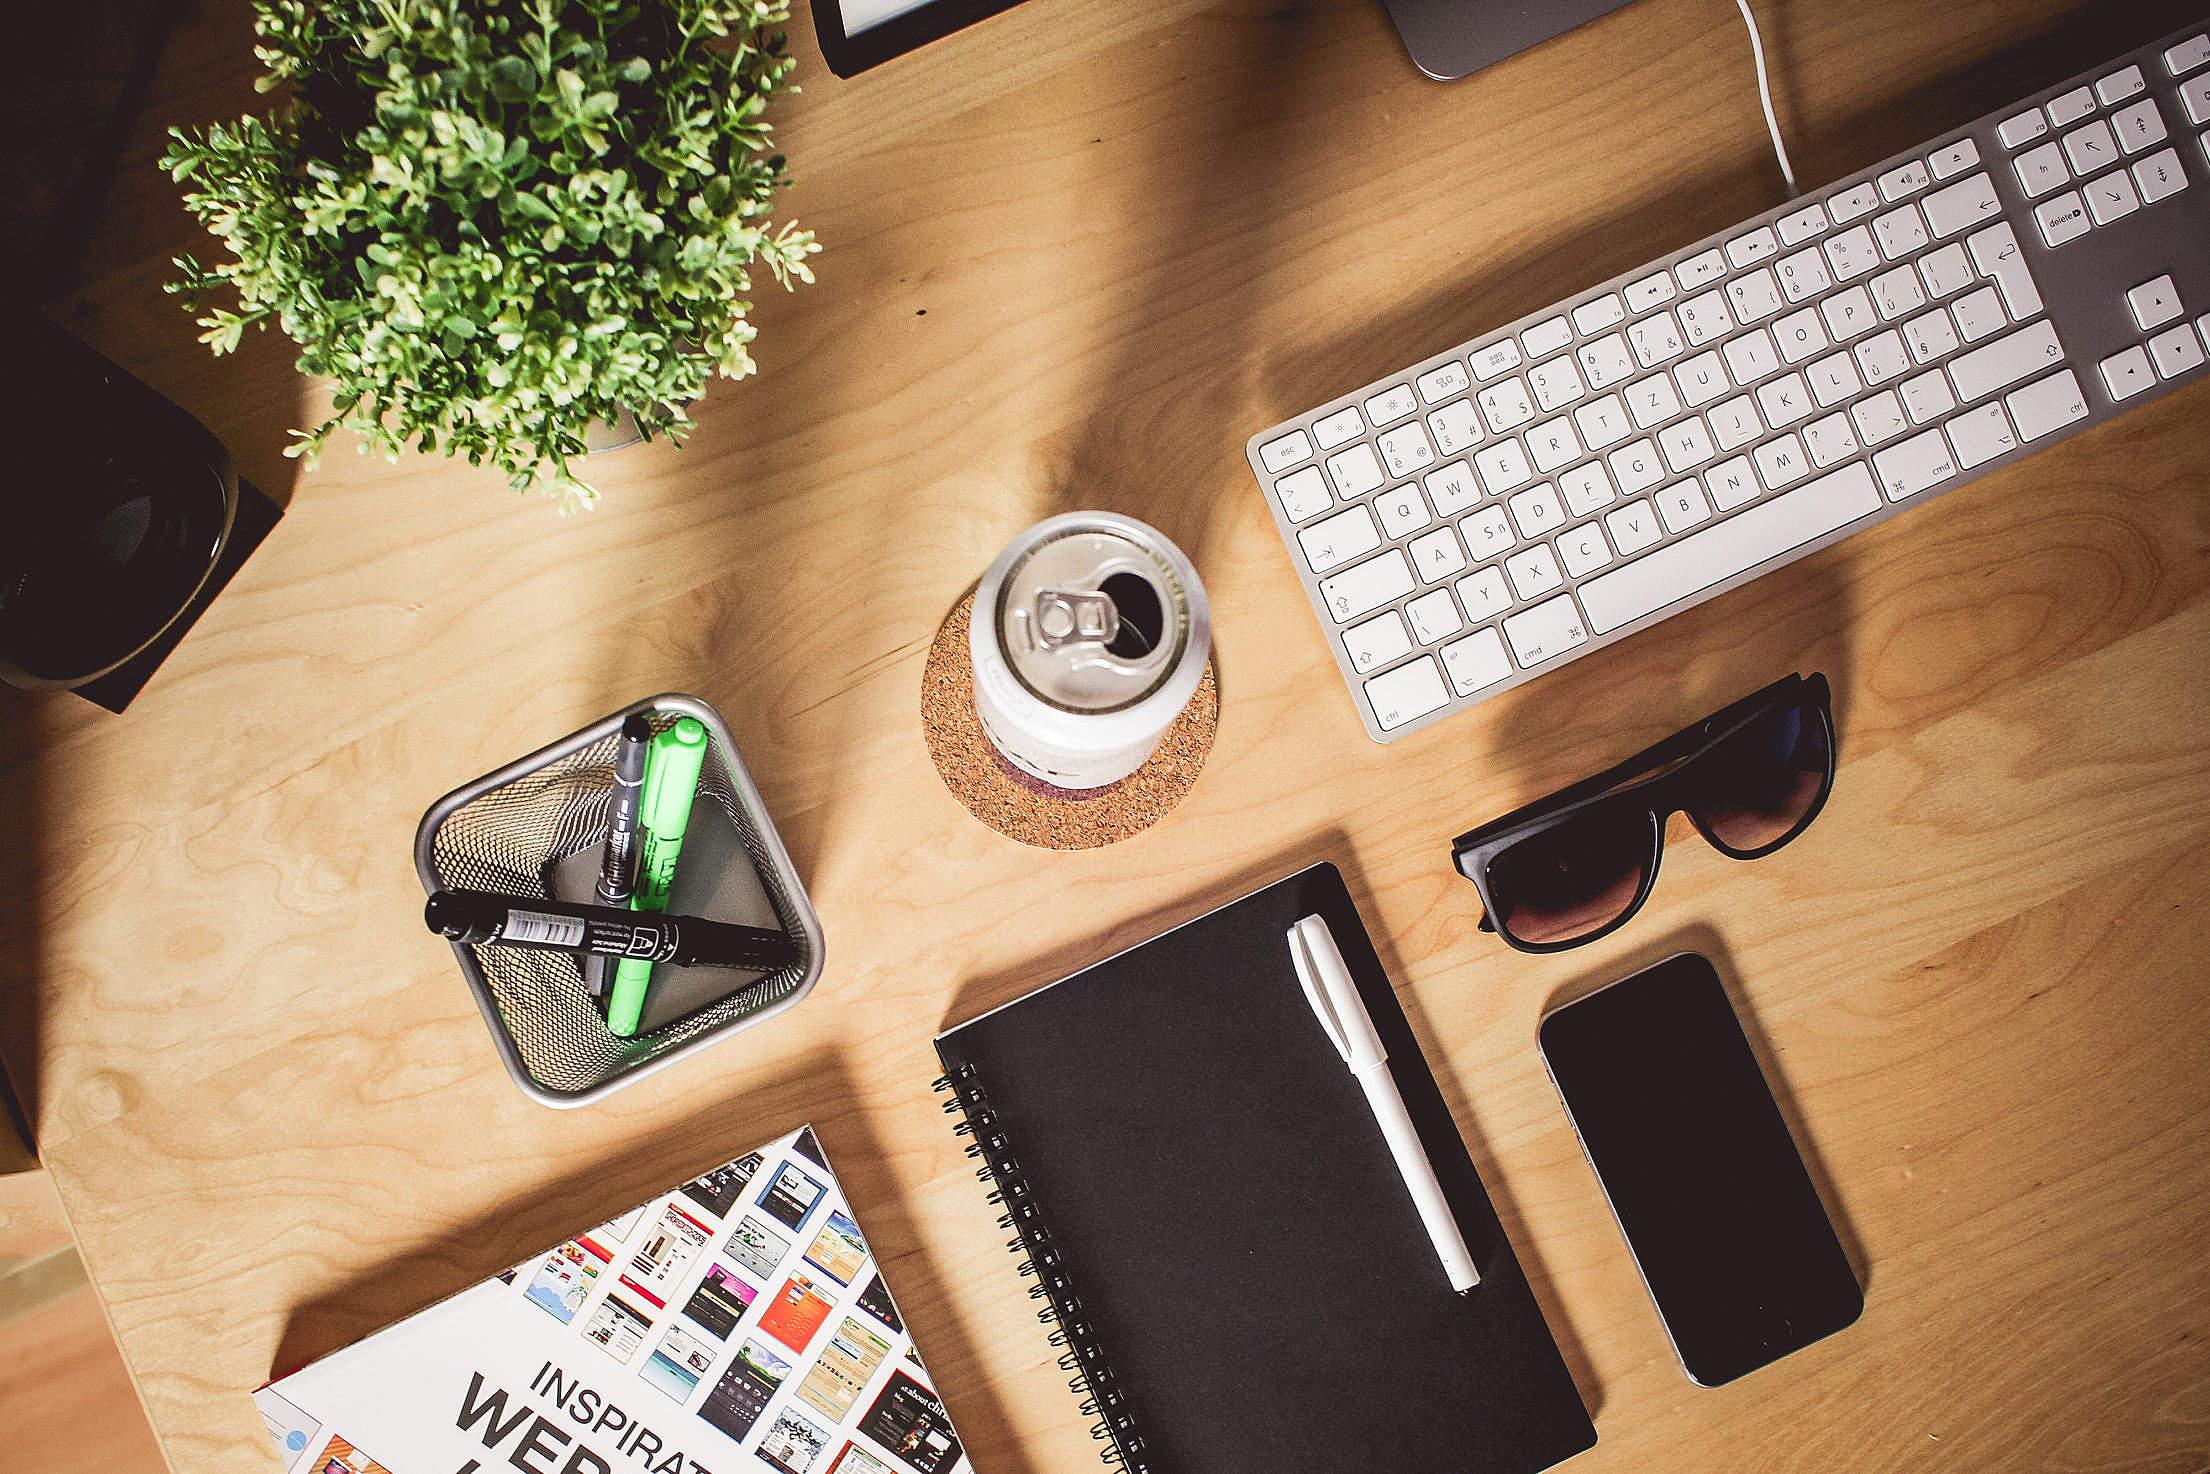 Designer Wooden Workspace Free Stock Photo